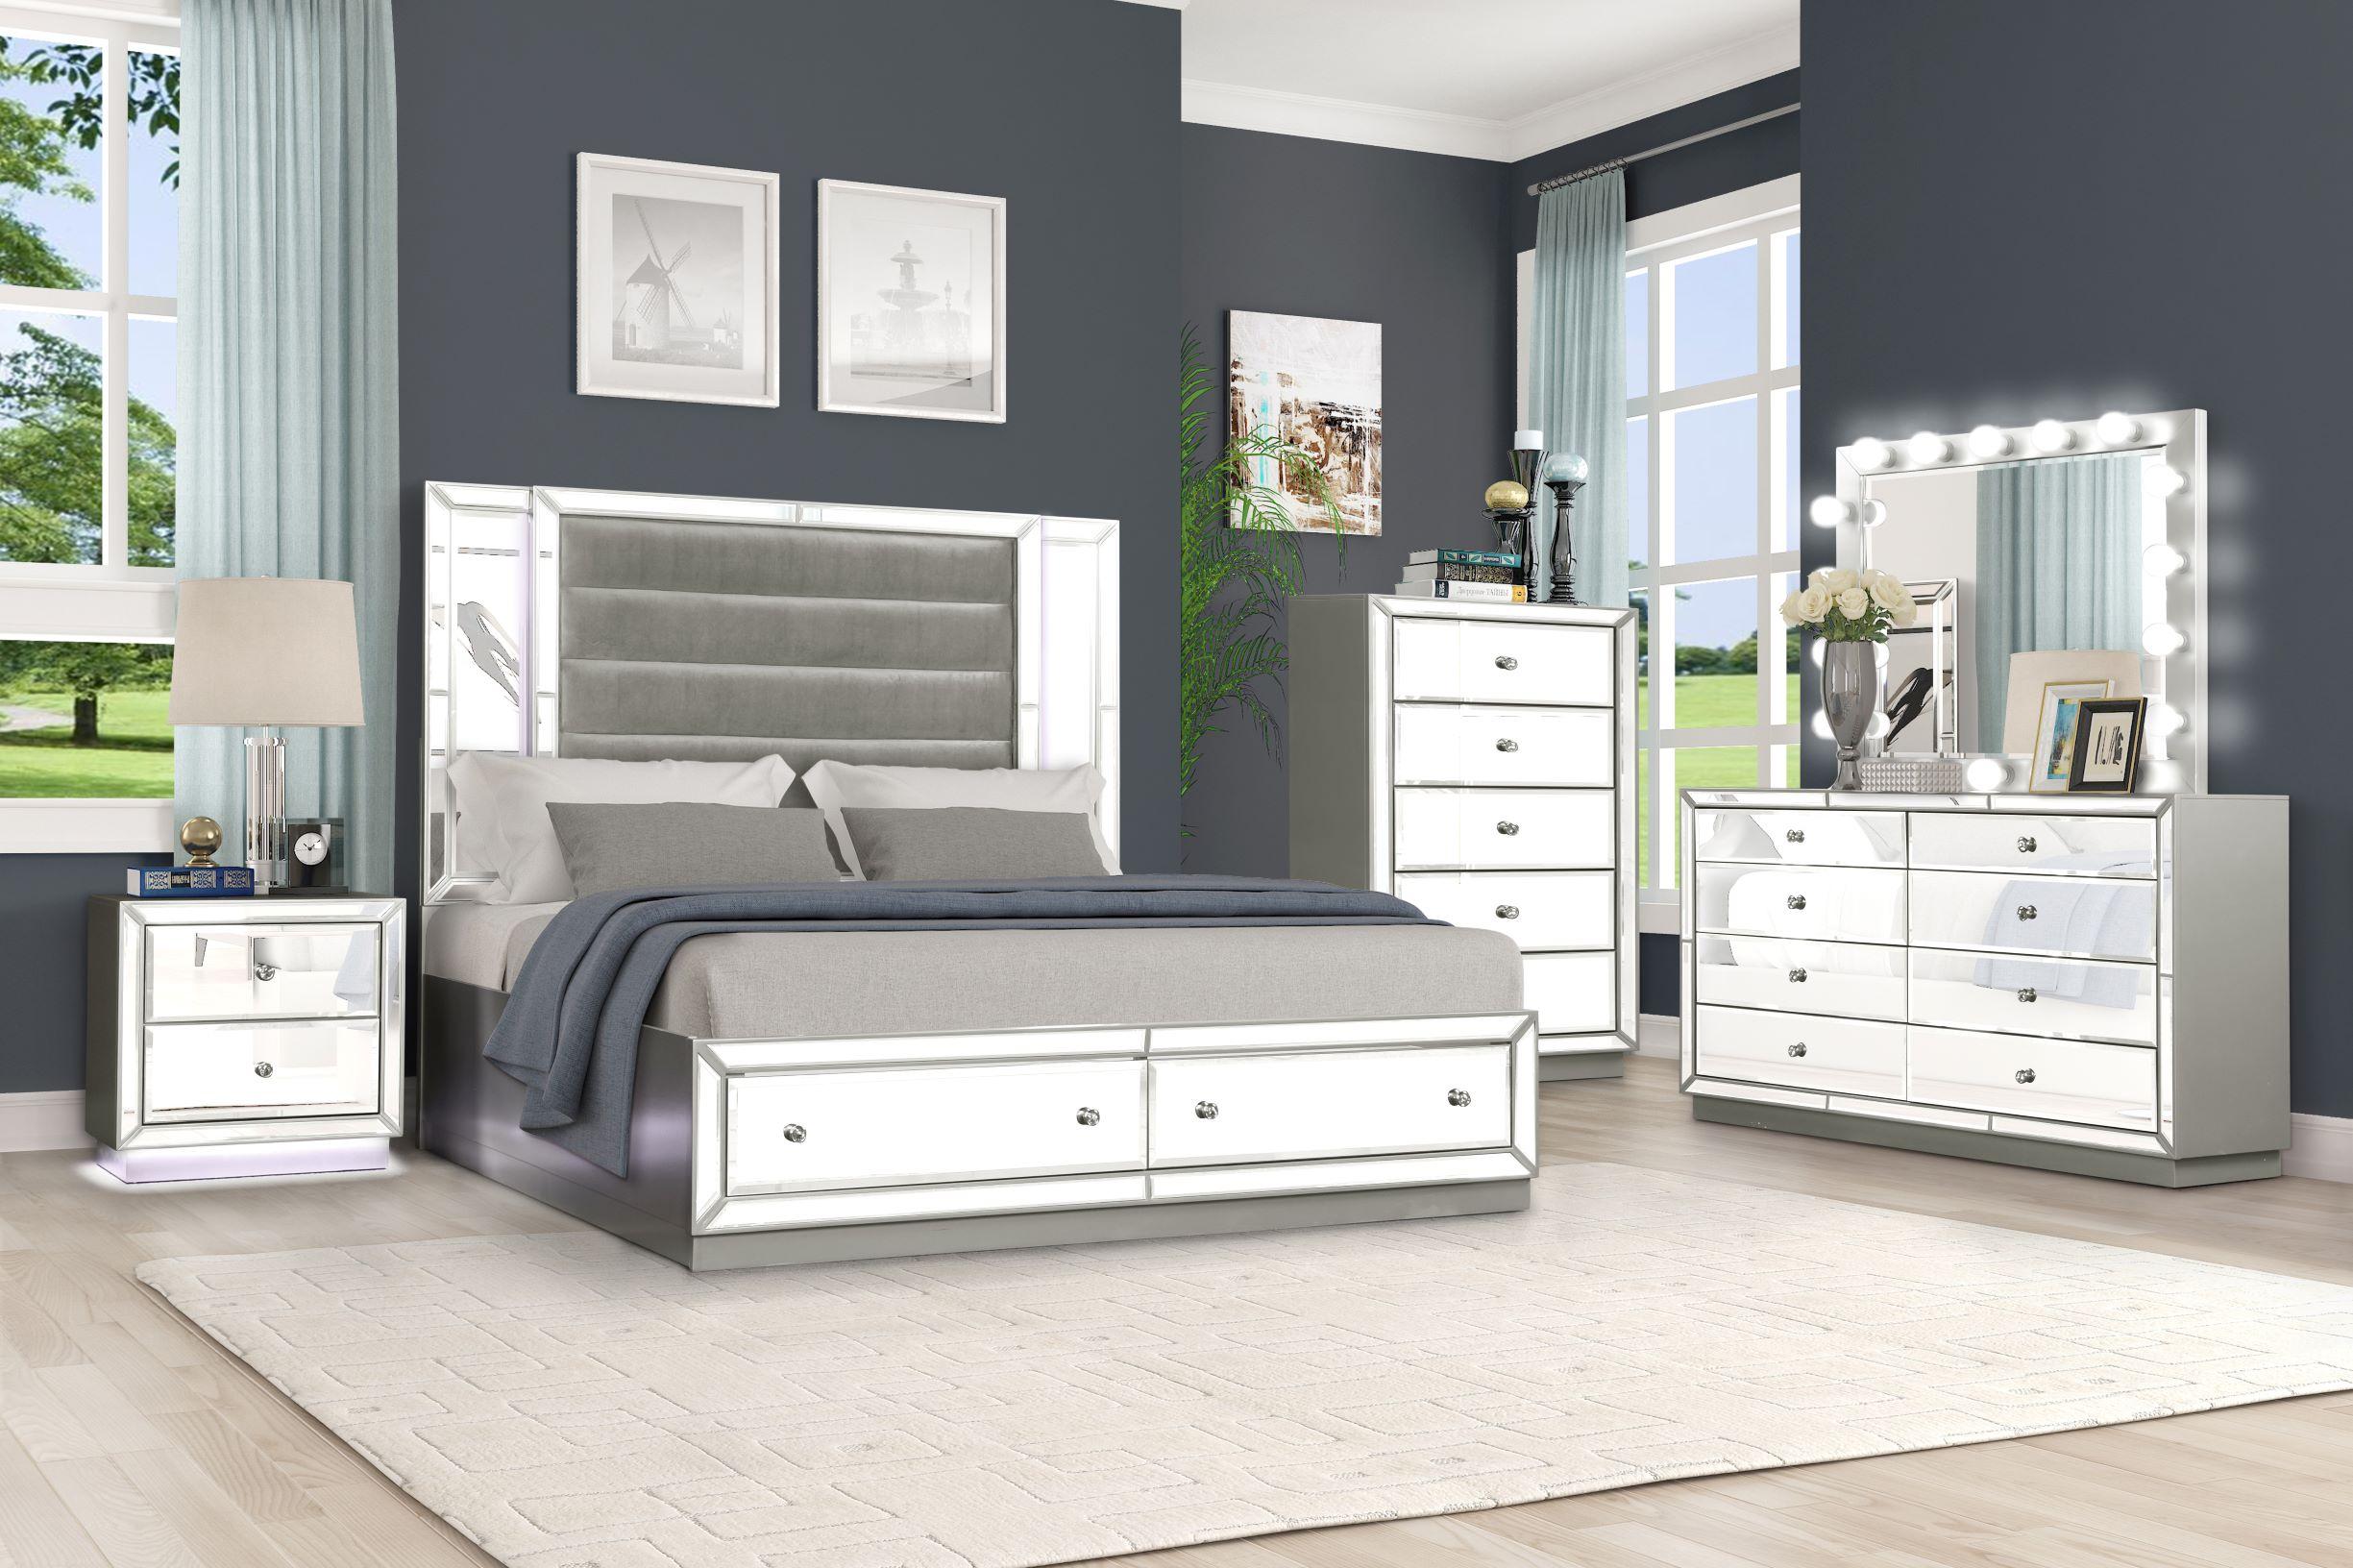 mirrored bedroom set 1151